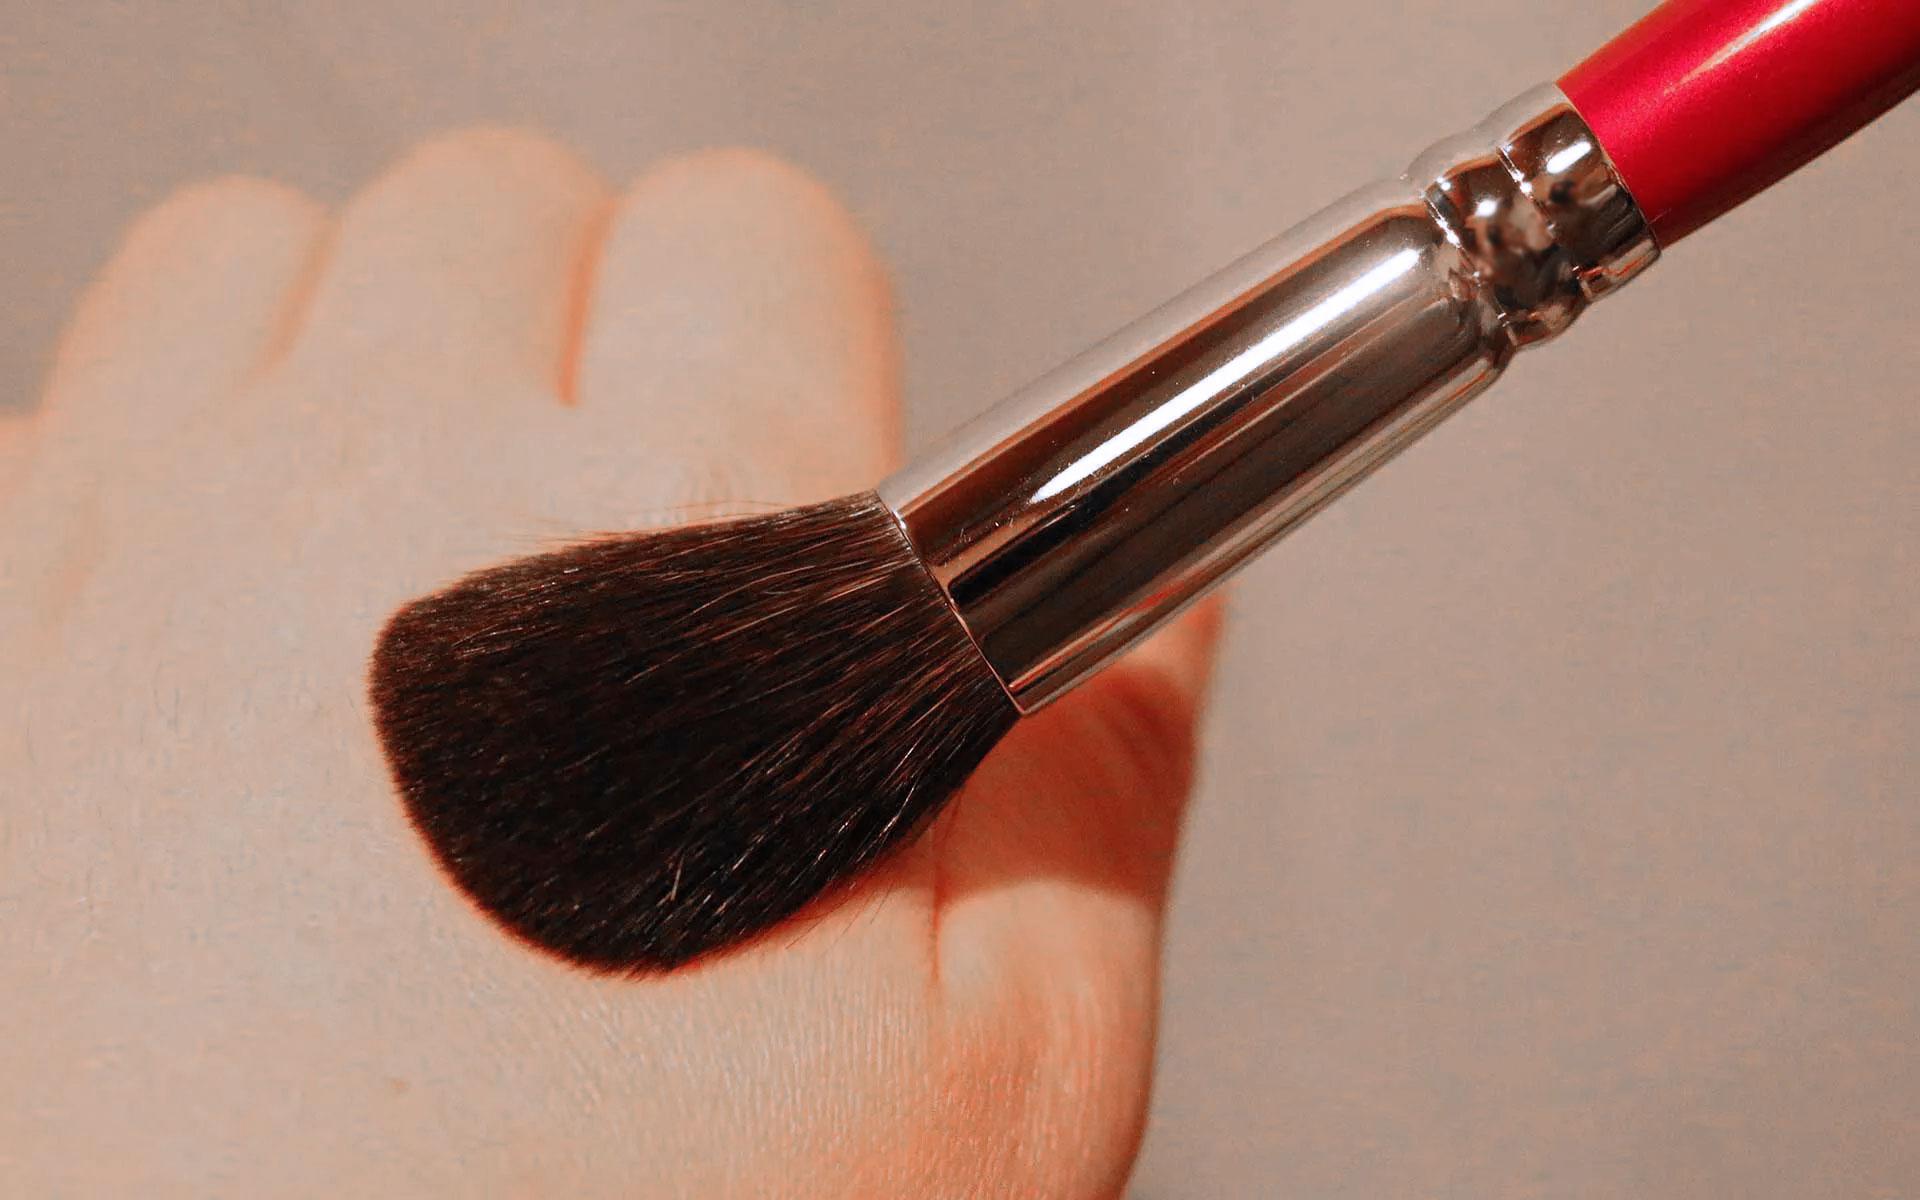 「熊野筆」の選び方をプロに習う。最初の1本にはチークブラシがおすすめ